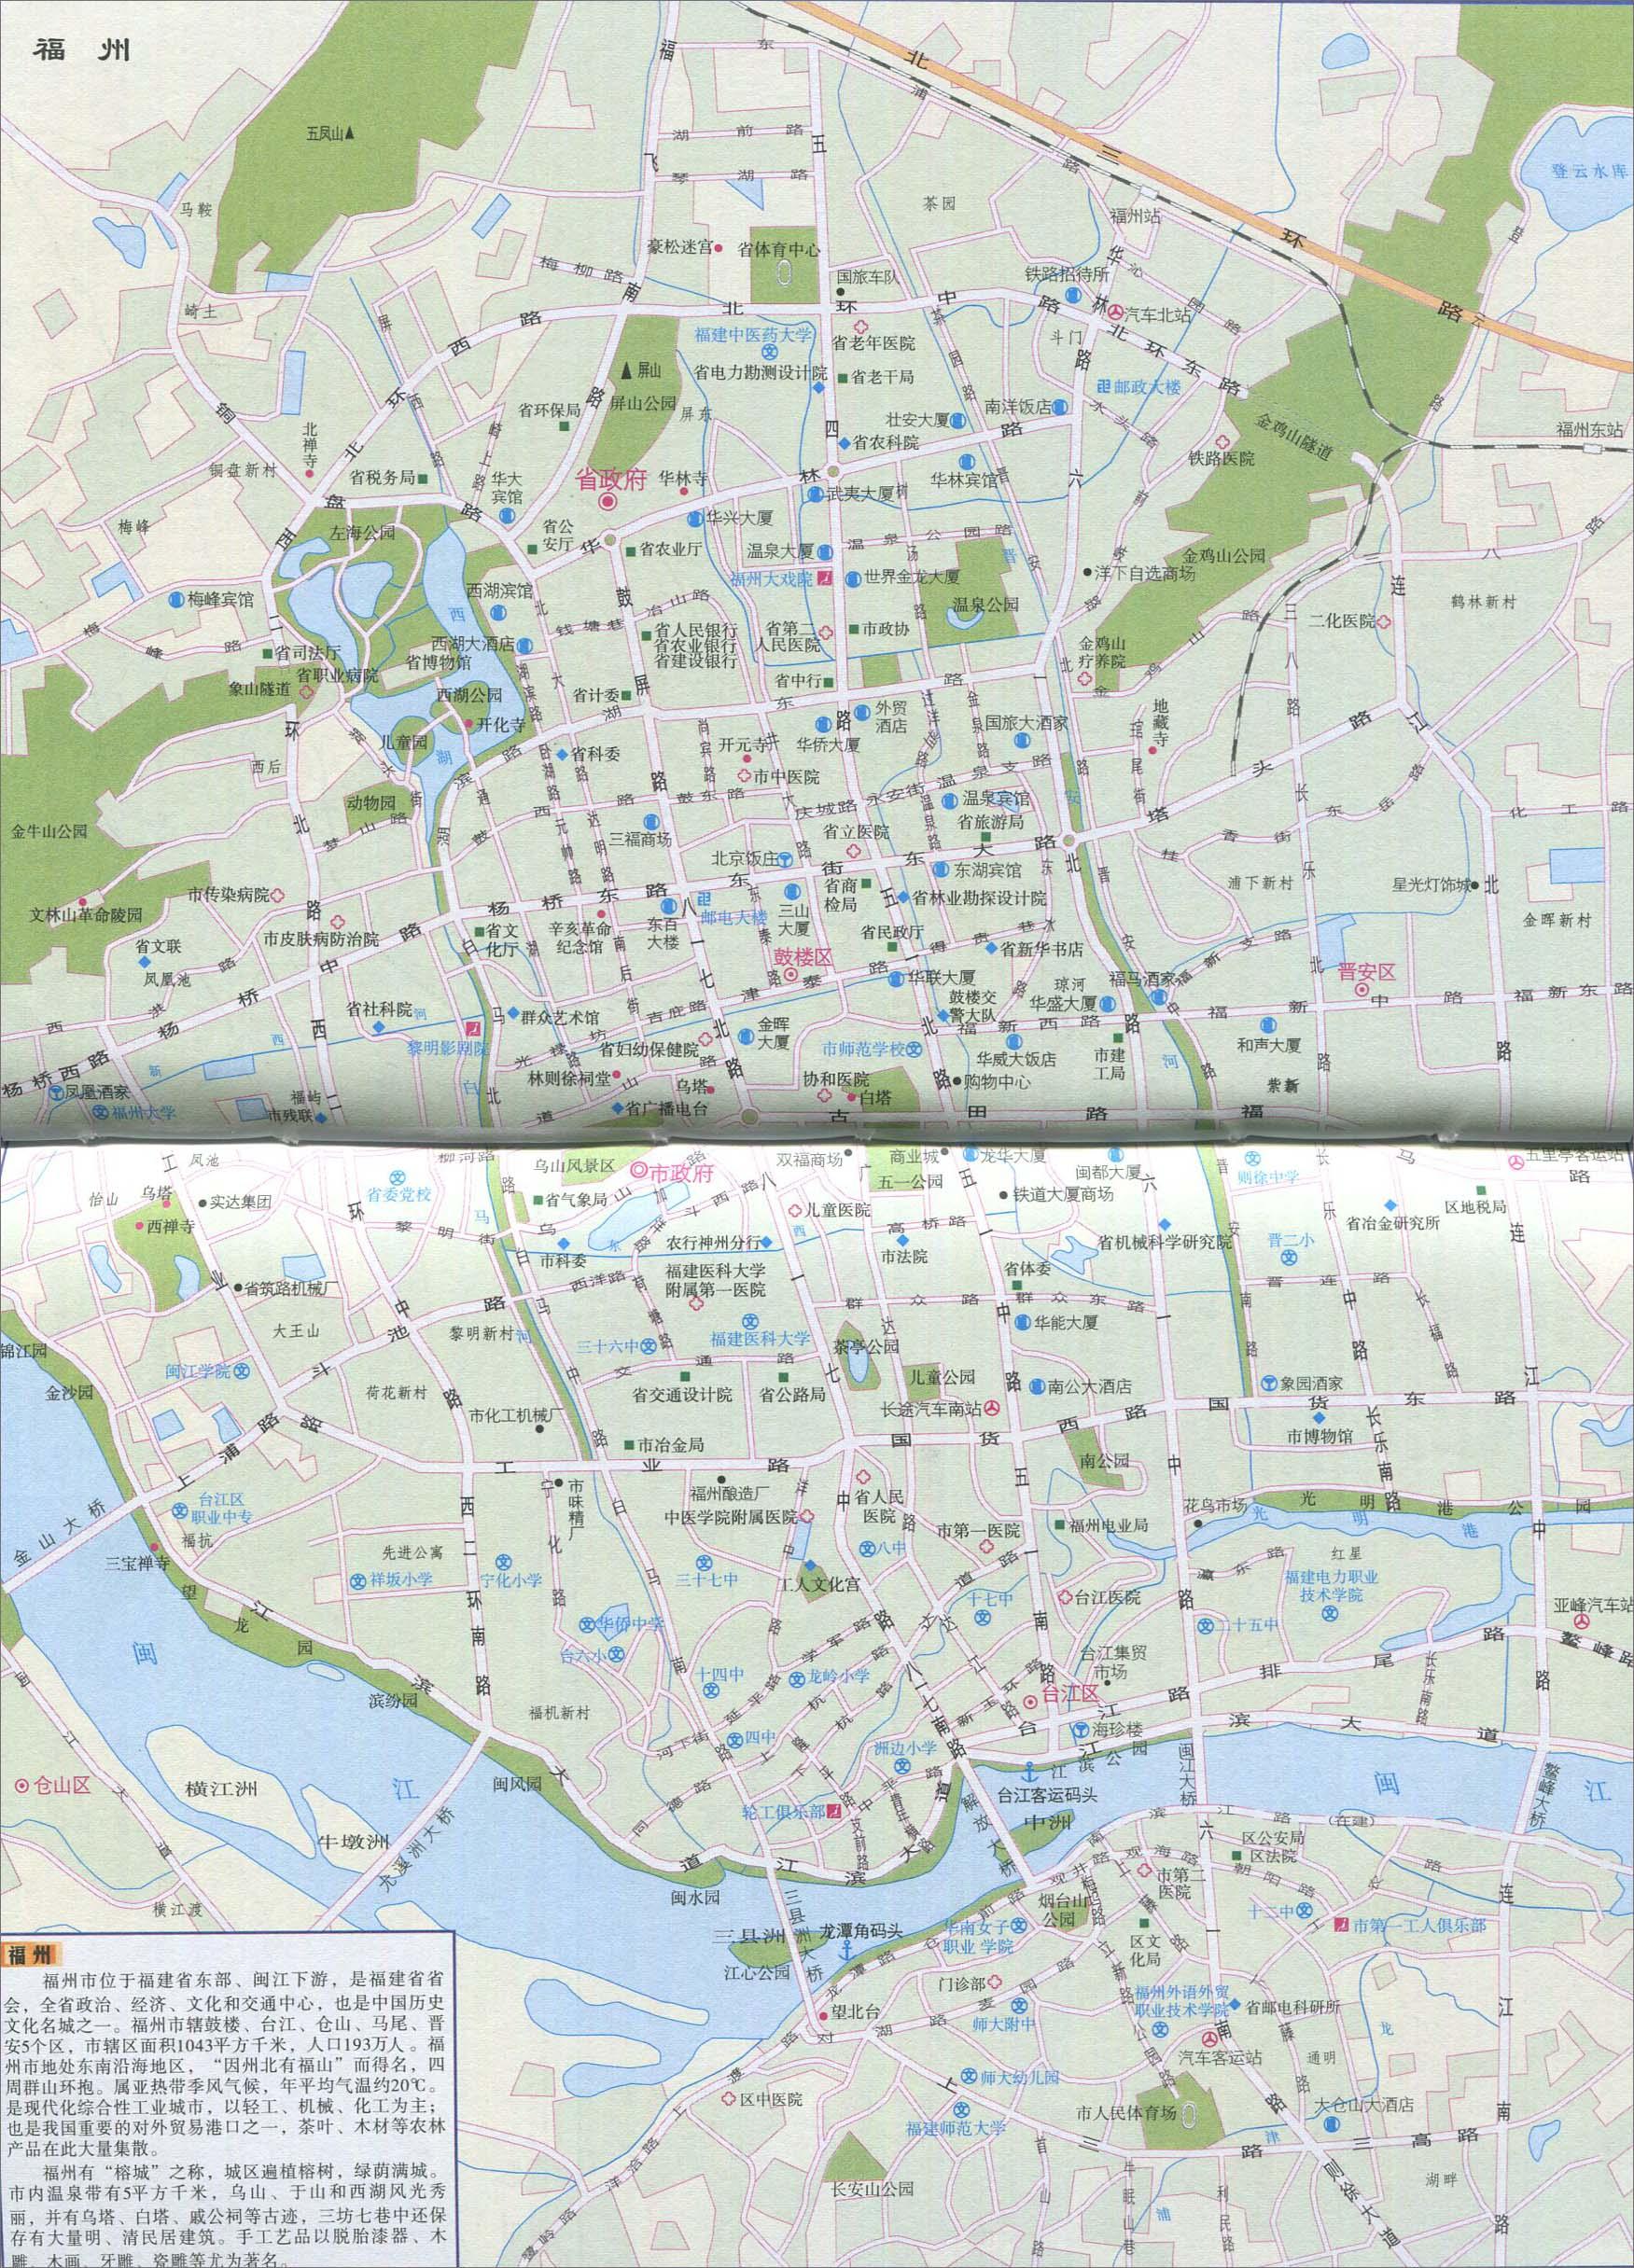 福建福州市区地图_福州城区地图_福建旅游地图库_地图窝